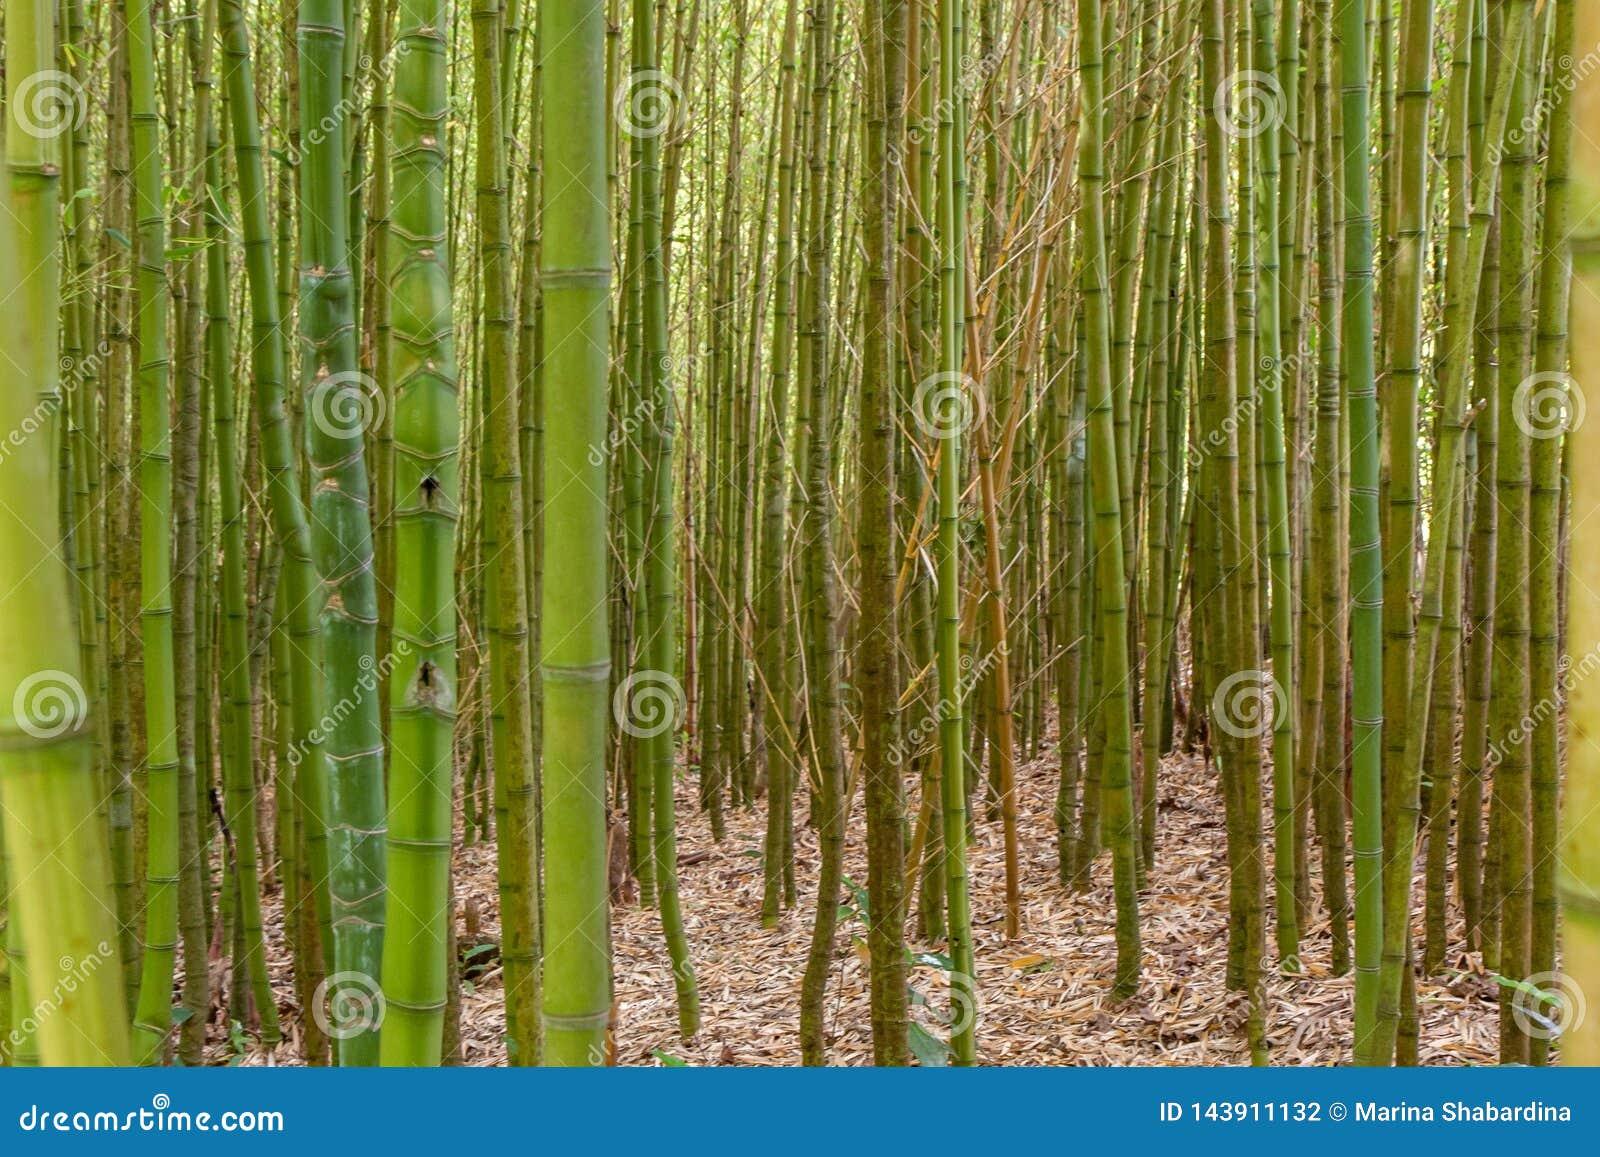 厚实的竹丛林关闭